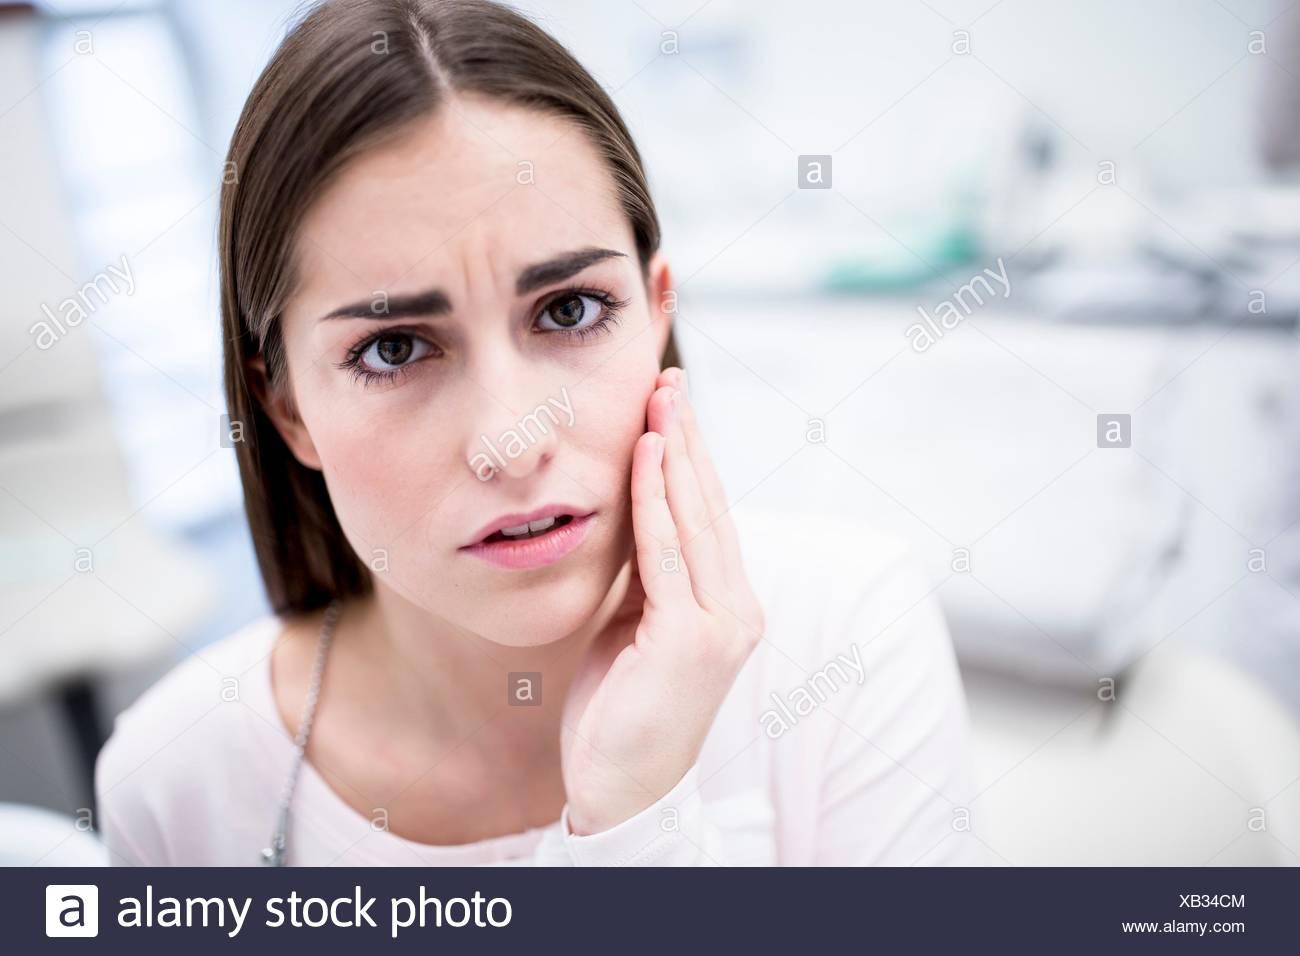 -MODELL VERÖFFENTLICHT. Junge Frau leidet Zahnschmerzen, Porträt. Stockbild